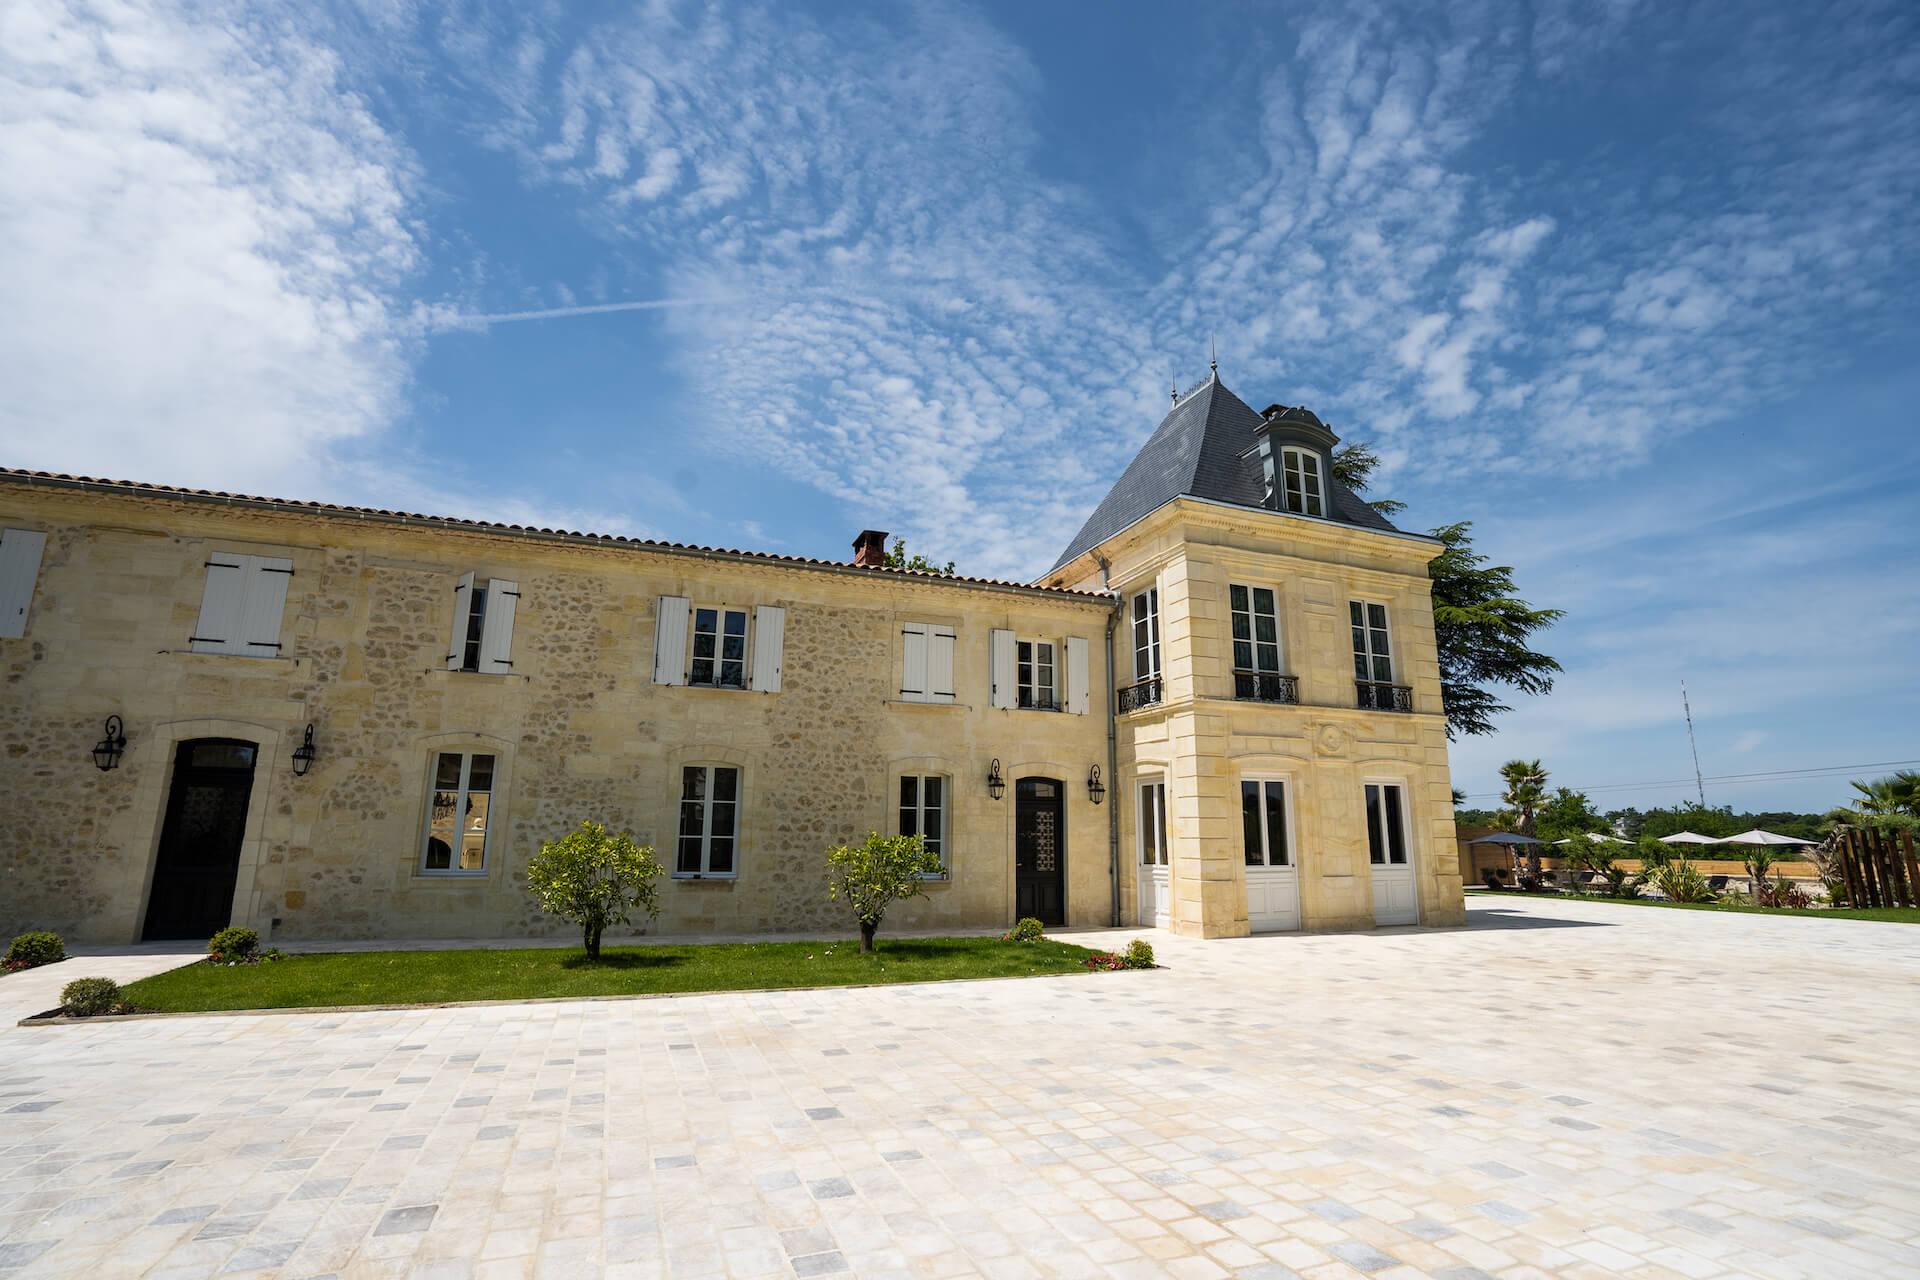 les chambres - château grand arnaud chambres d'hôtes réception et séminaires bordeaux